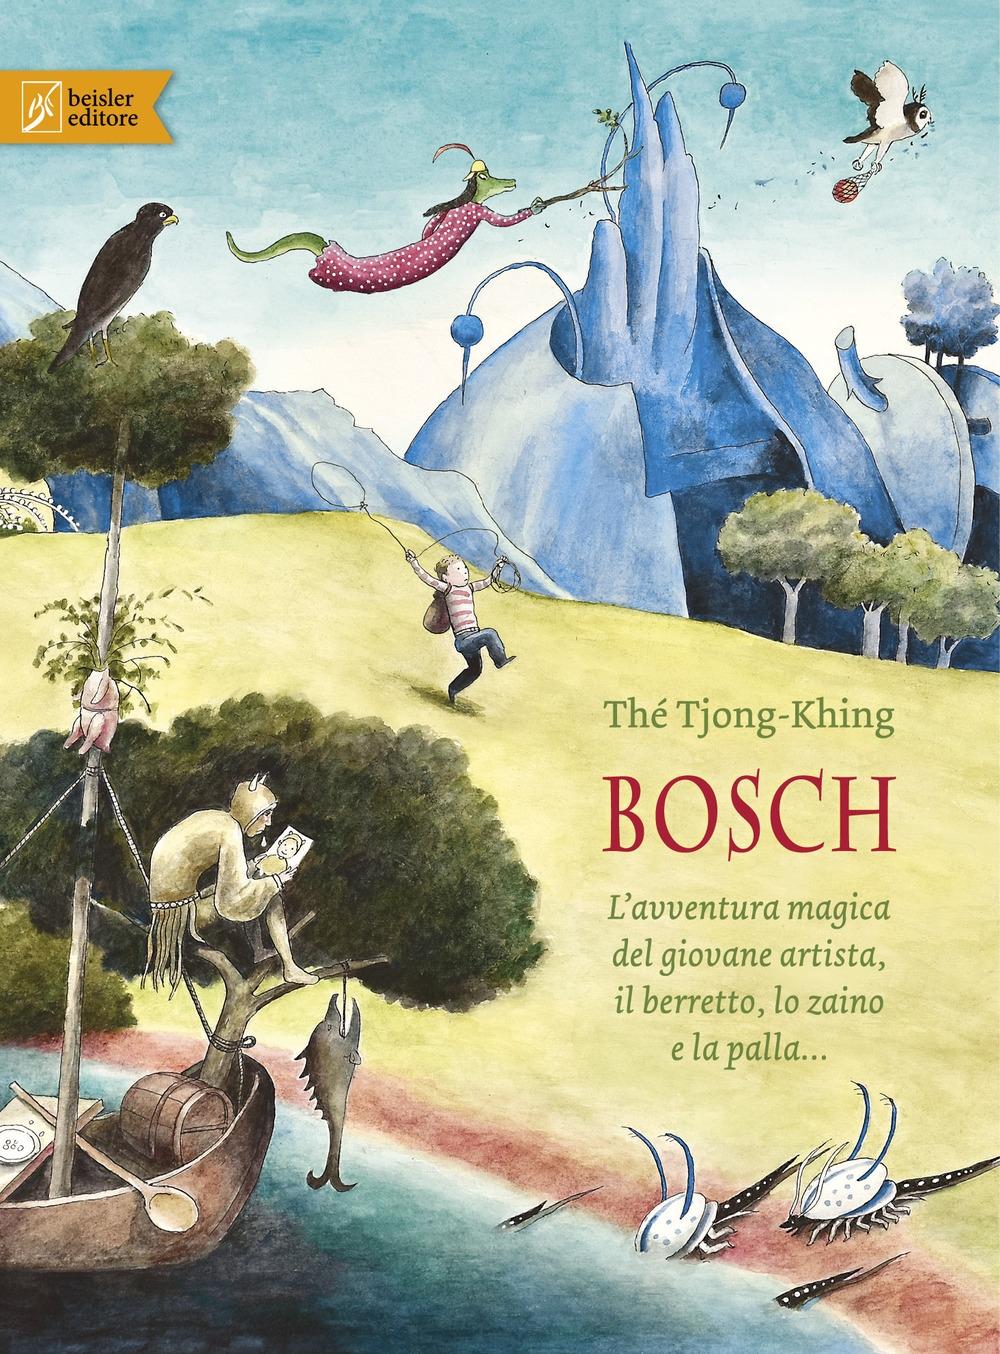 Bosch. L'avventura magica del giovane artista, il berretto, lo zaino e la palla.... Ediz. a colori